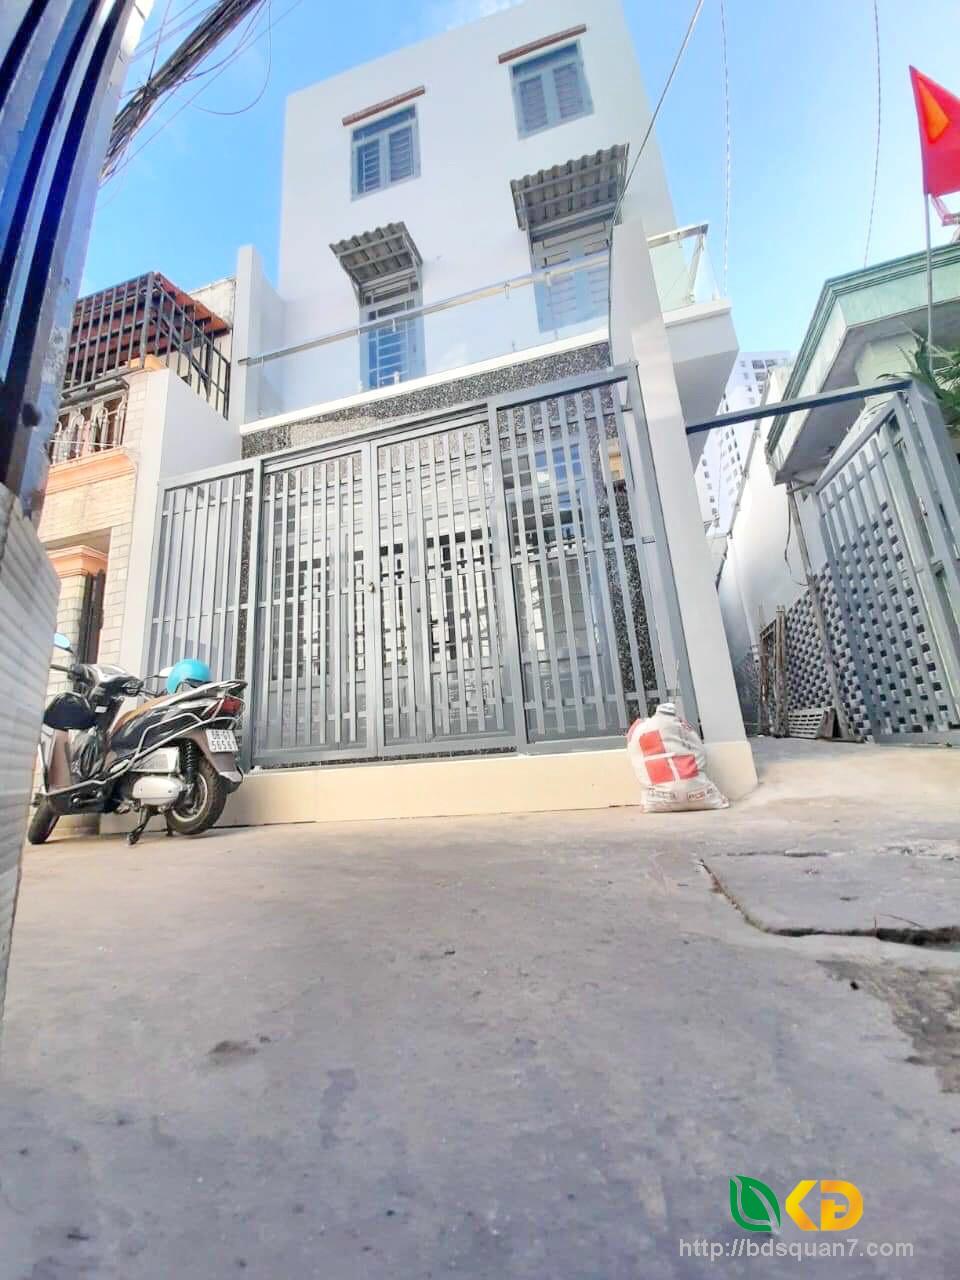 Bán nhà mới xây hẻm 337 đường Trần Xuân Soạn Phường Tân Kiểng Quận 7